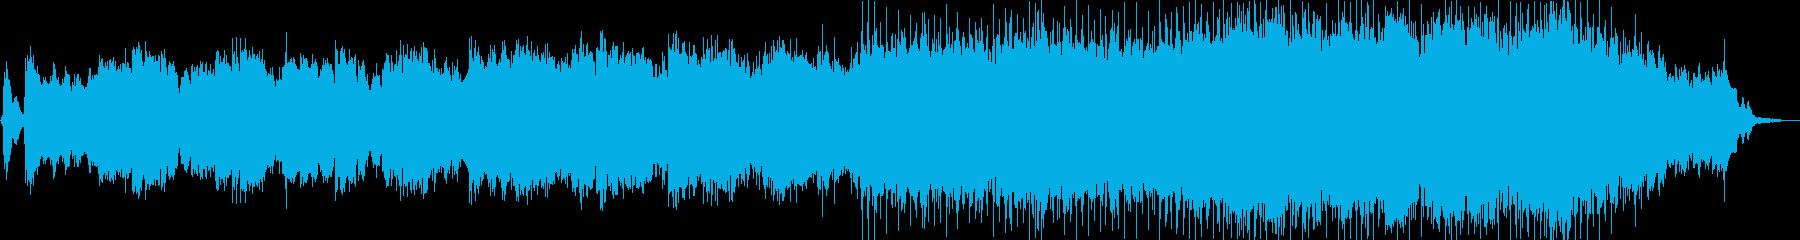 スカボローフェアのような幻想的な曲の再生済みの波形